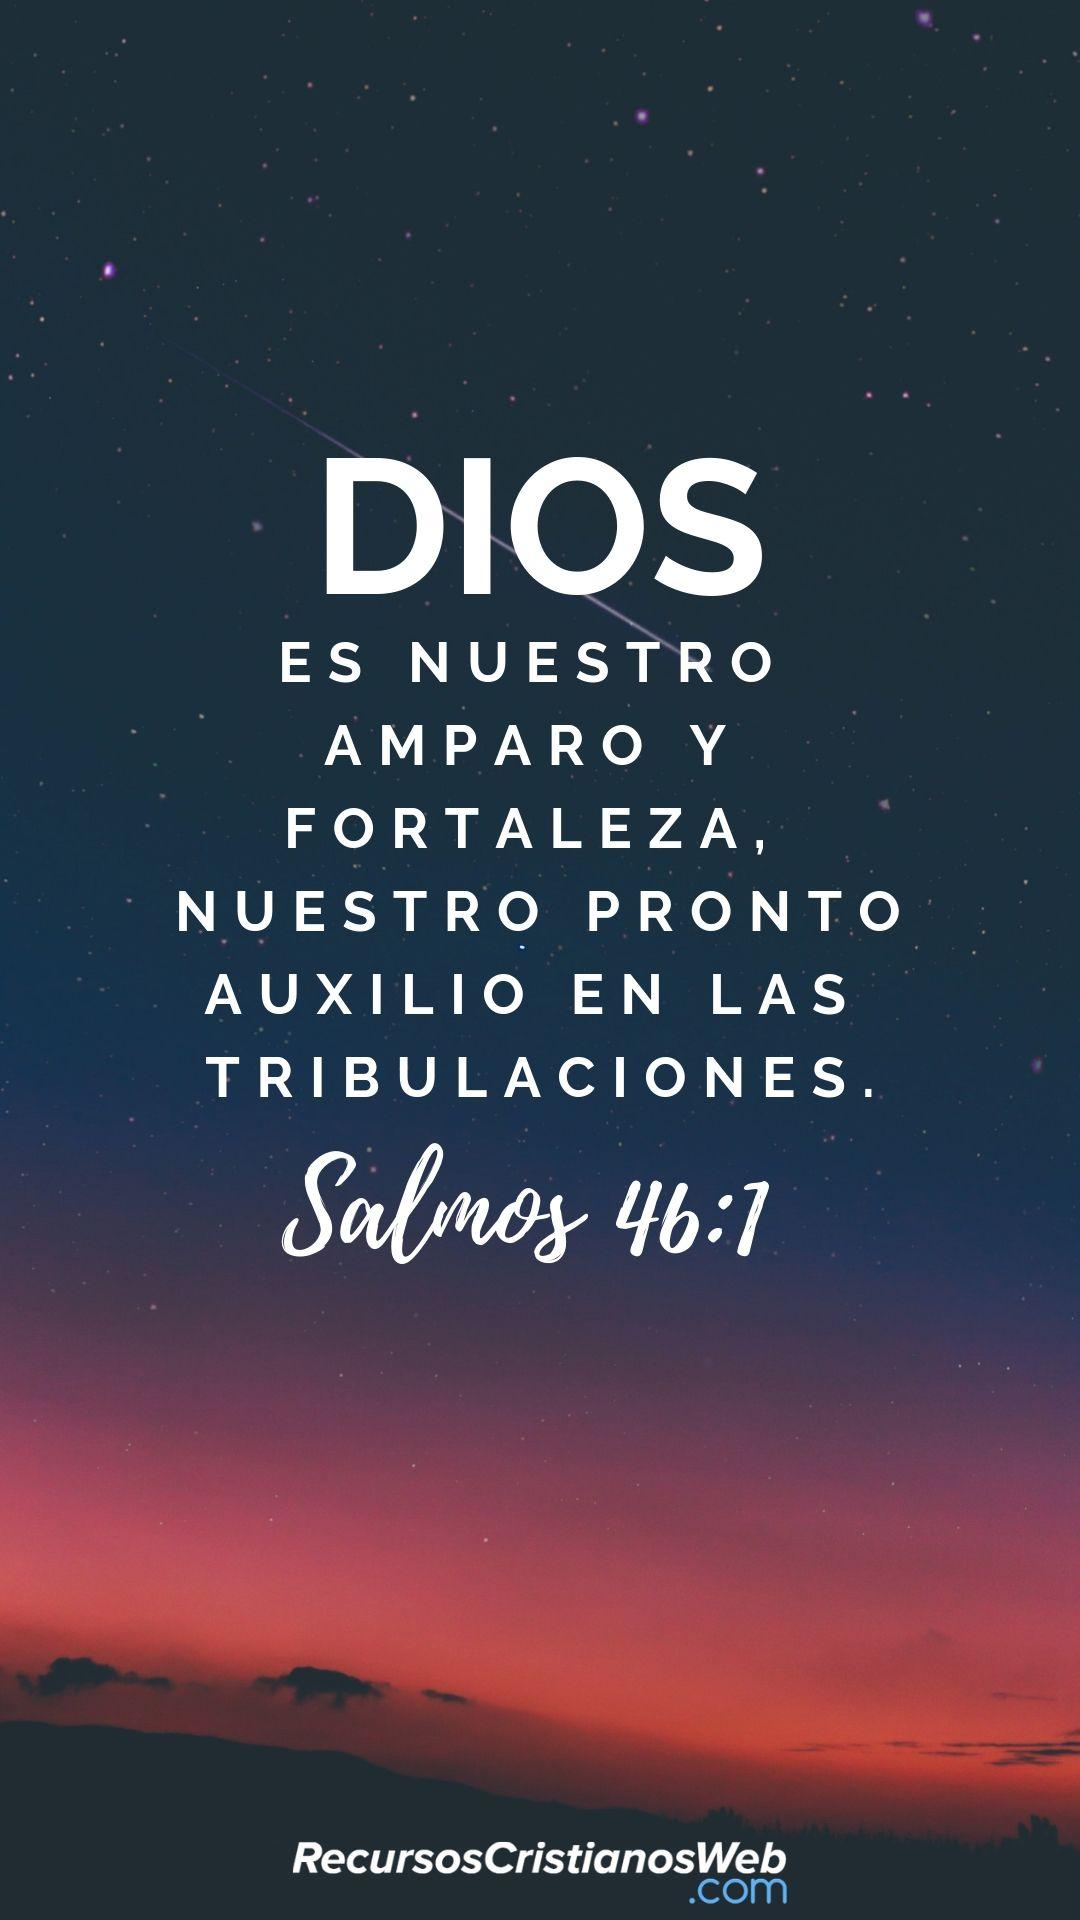 Versículos Bíblicos De Fortaleza Salmos 46 1 Versículos Bíblicos Frases Espirituales Salmo 46